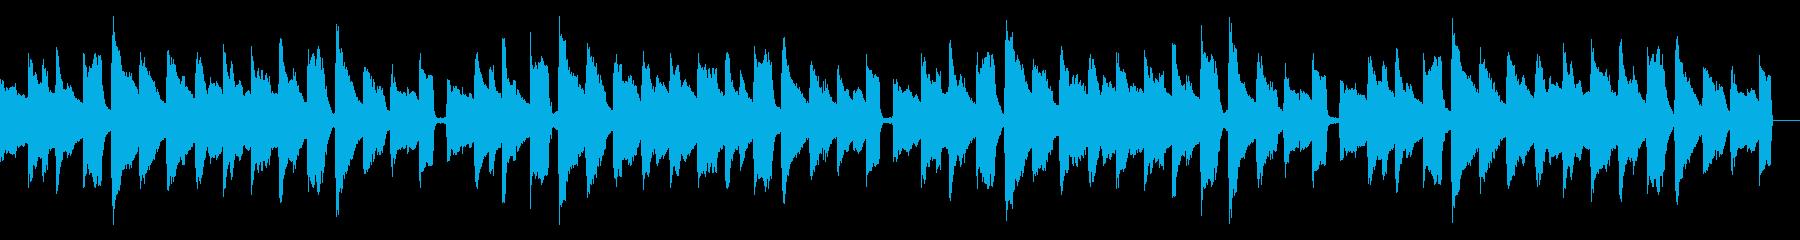 生音ギター-ほっこりと少し切ないバラードの再生済みの波形